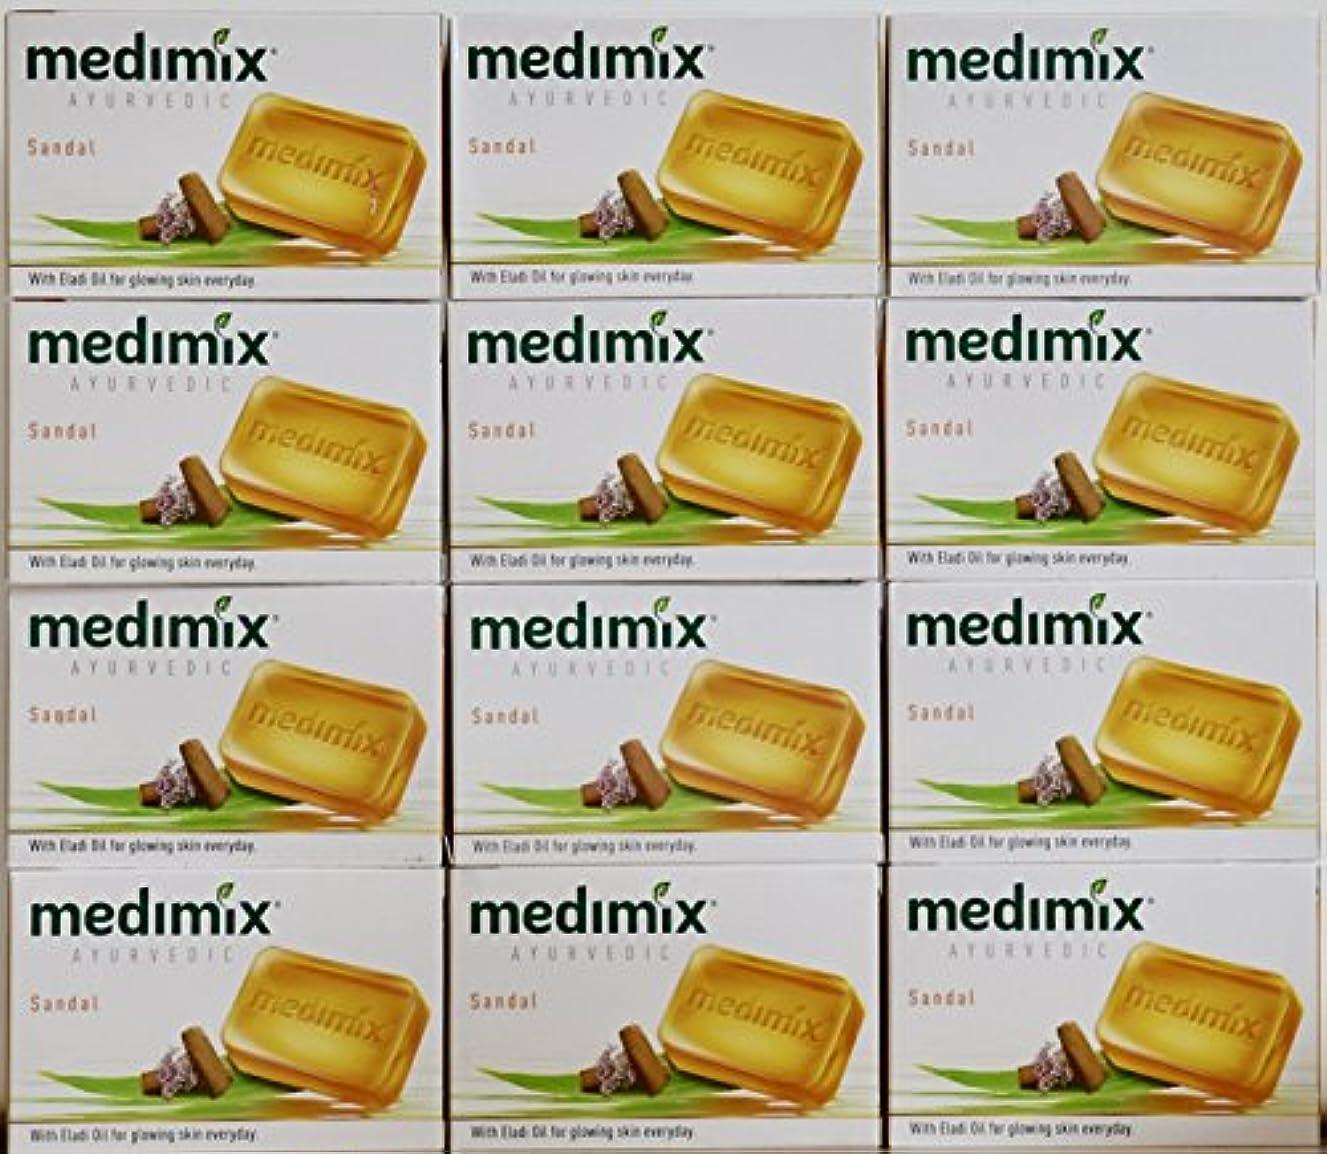 美人ポール多数のmedimix メディミックス アーユルヴェディックサンダル 石鹸(旧商品名クラシックオレンジ))125g 12個入り